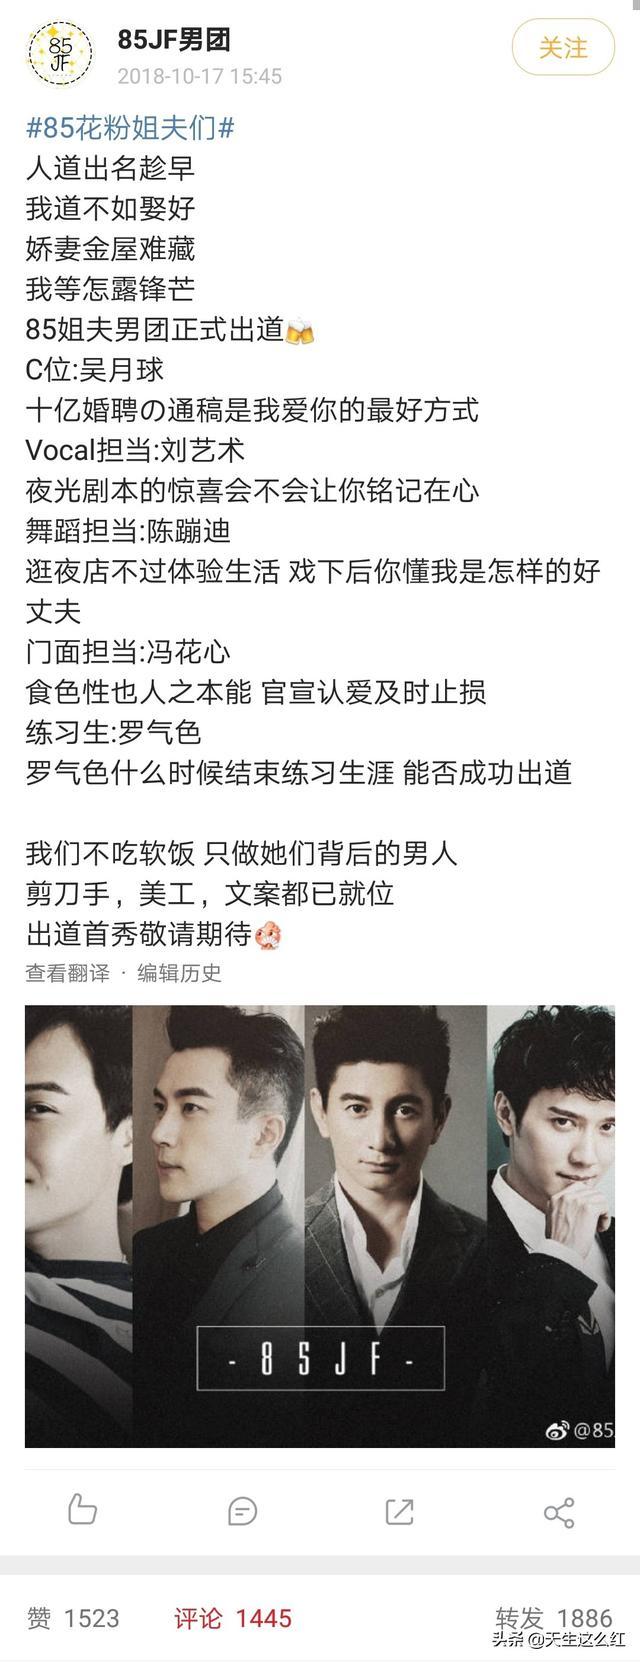 《小欢喜》磊儿考上清华,英子方一凡去南京,他们会有后续故事吗